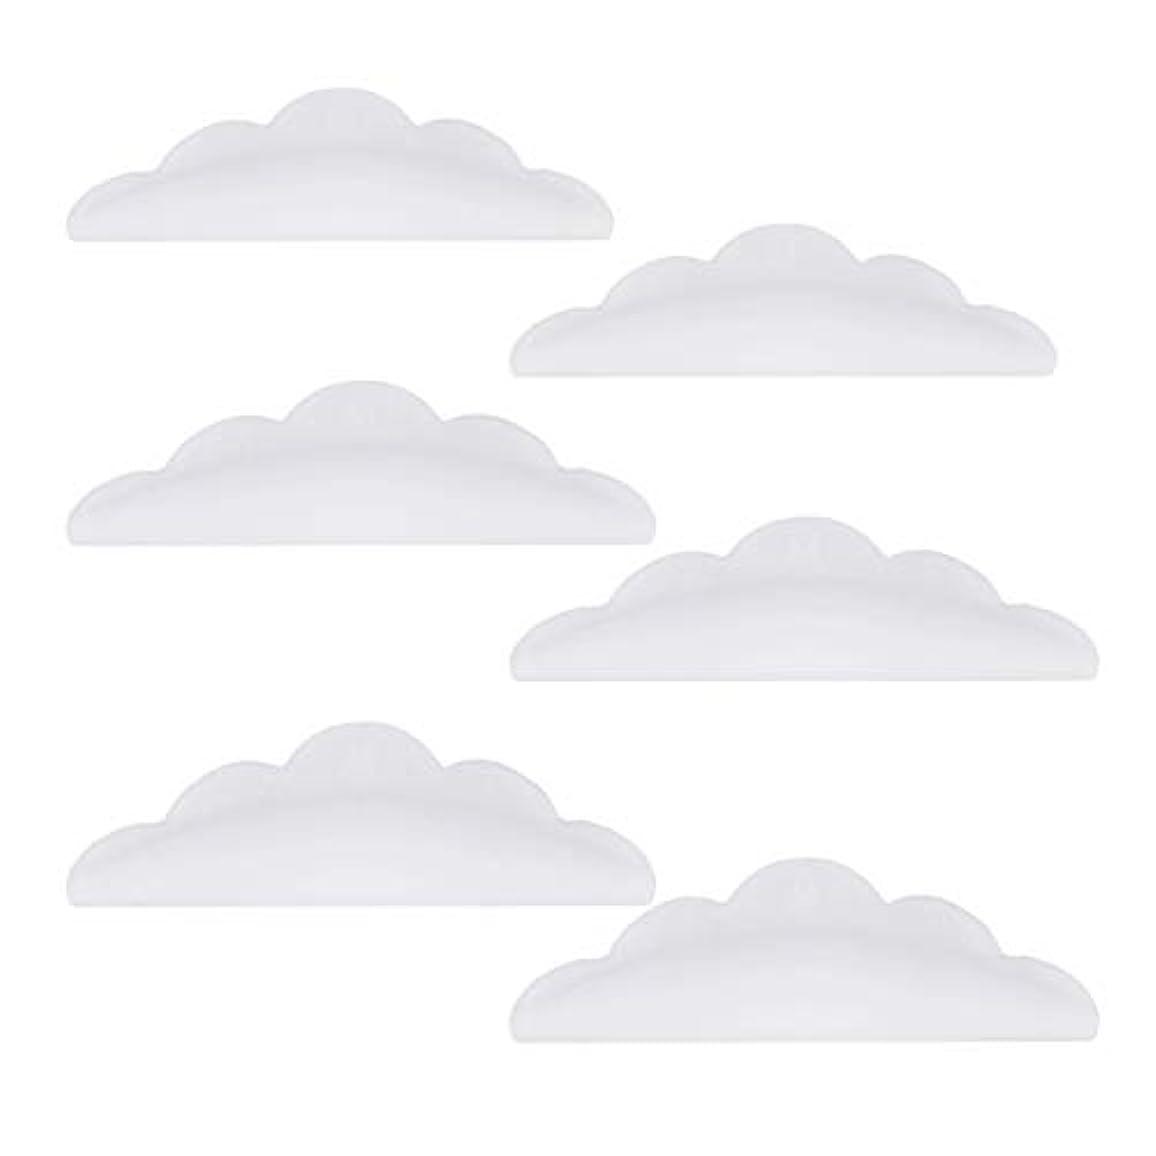 ふつうこれら不格好Lurrose 24本のシリコーンまつげパーマカーラーシールドパッド化粧道具(ホワイト)